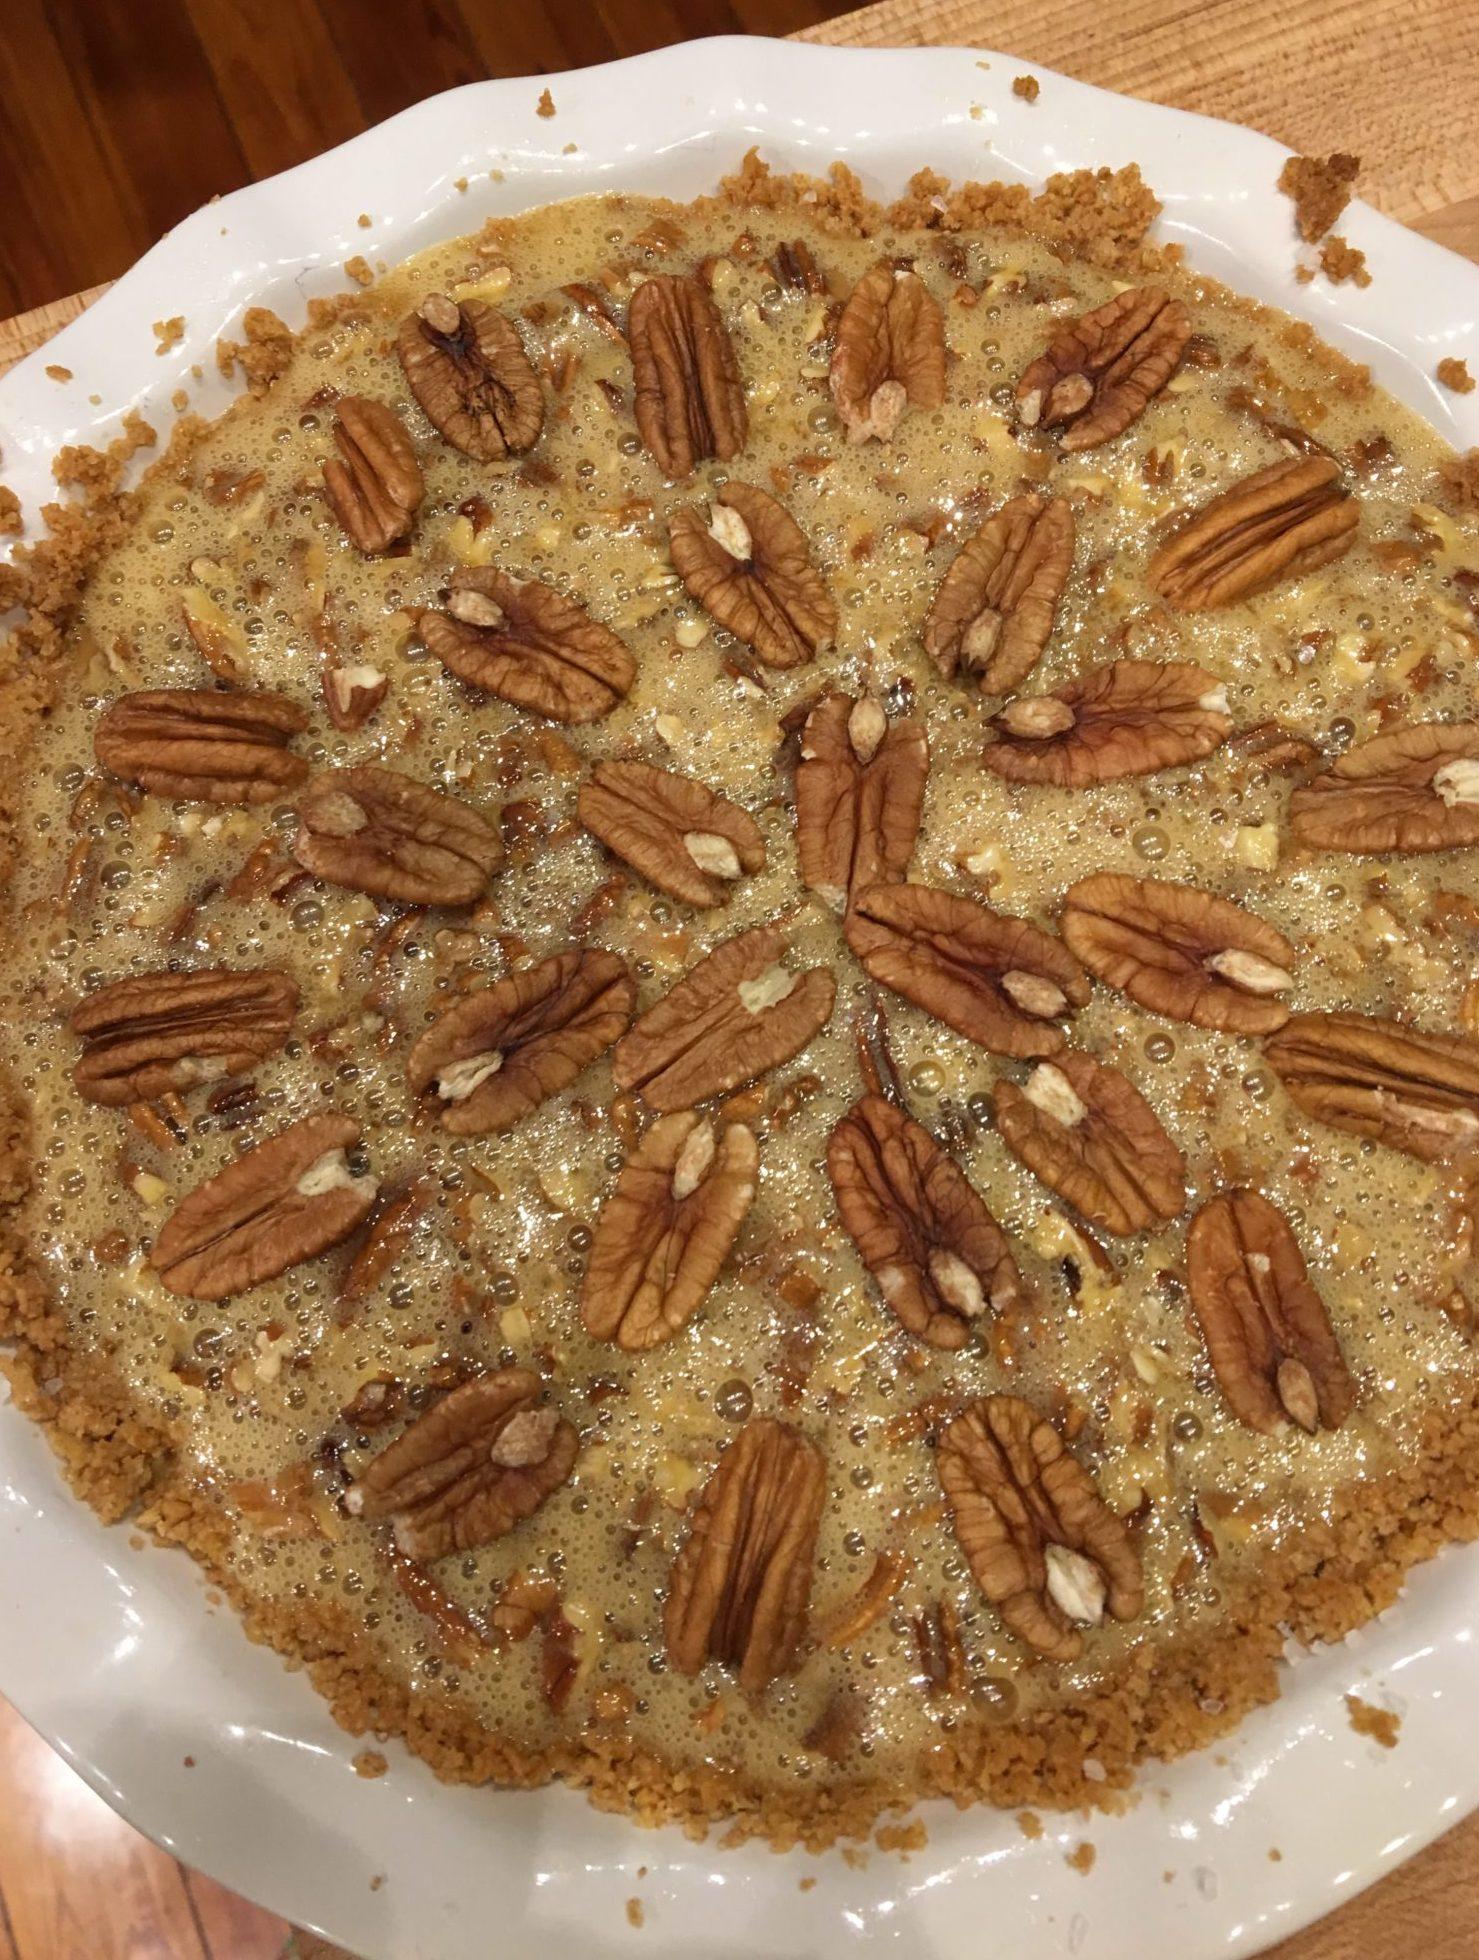 Pecan pie before baking